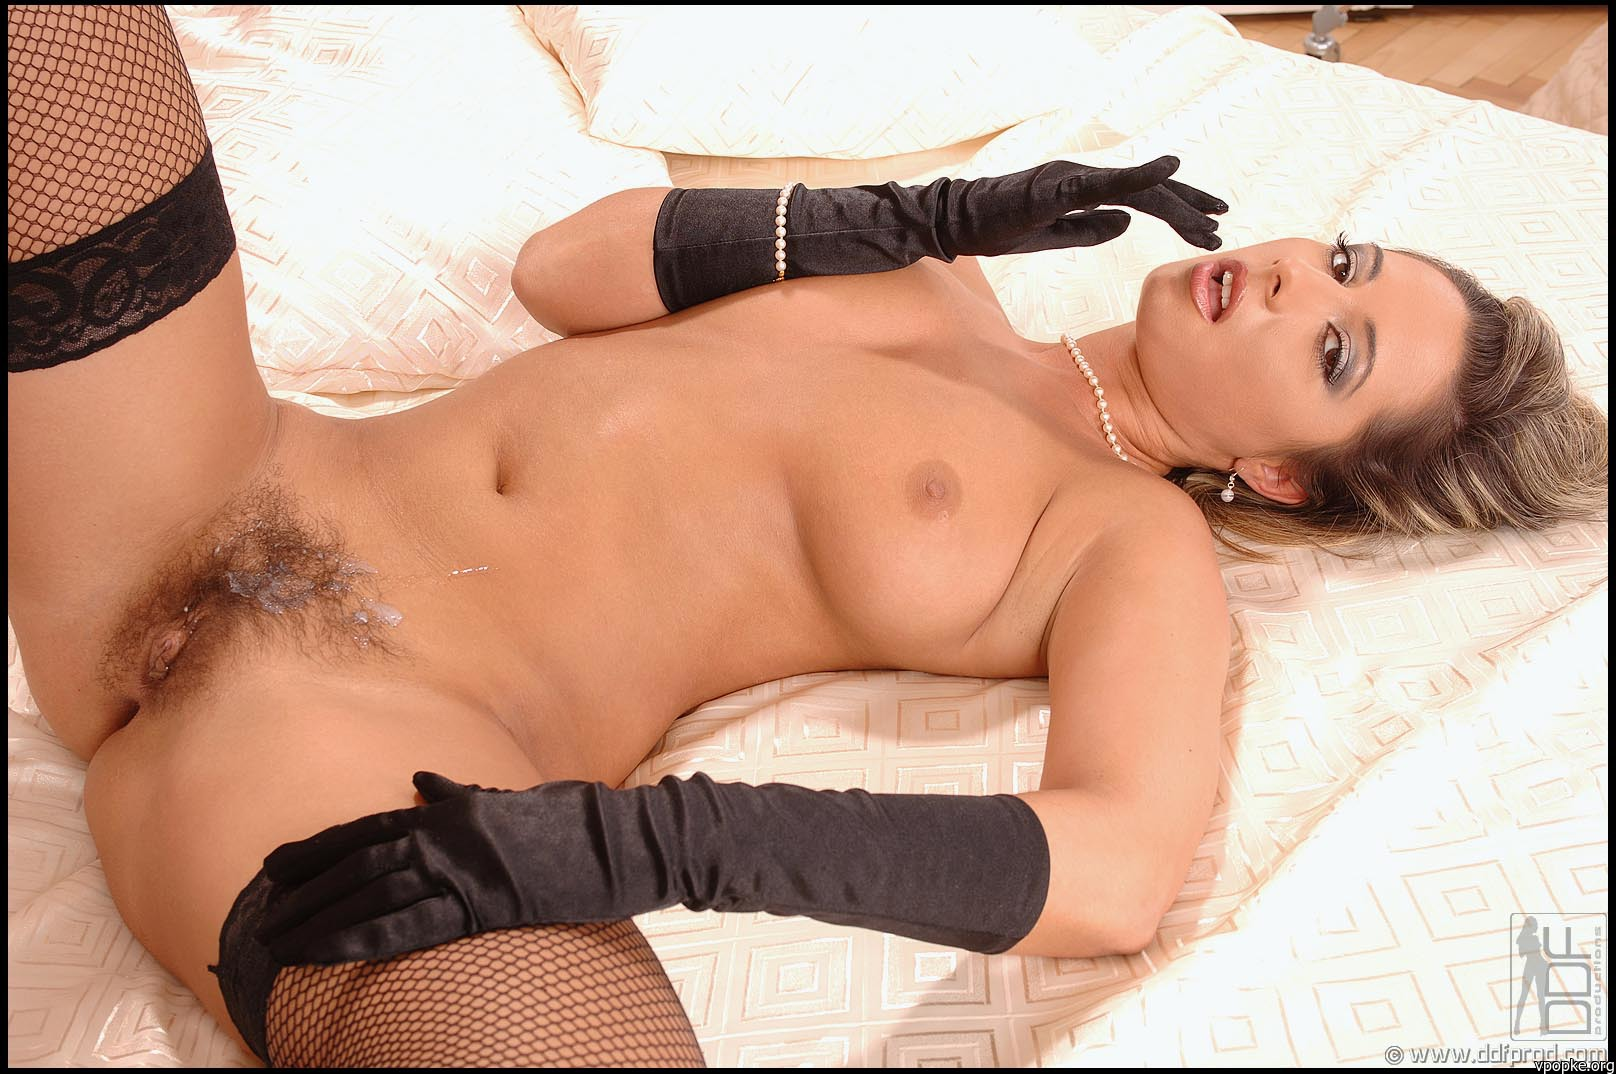 Чеченски девушки секс за денги 22 фотография